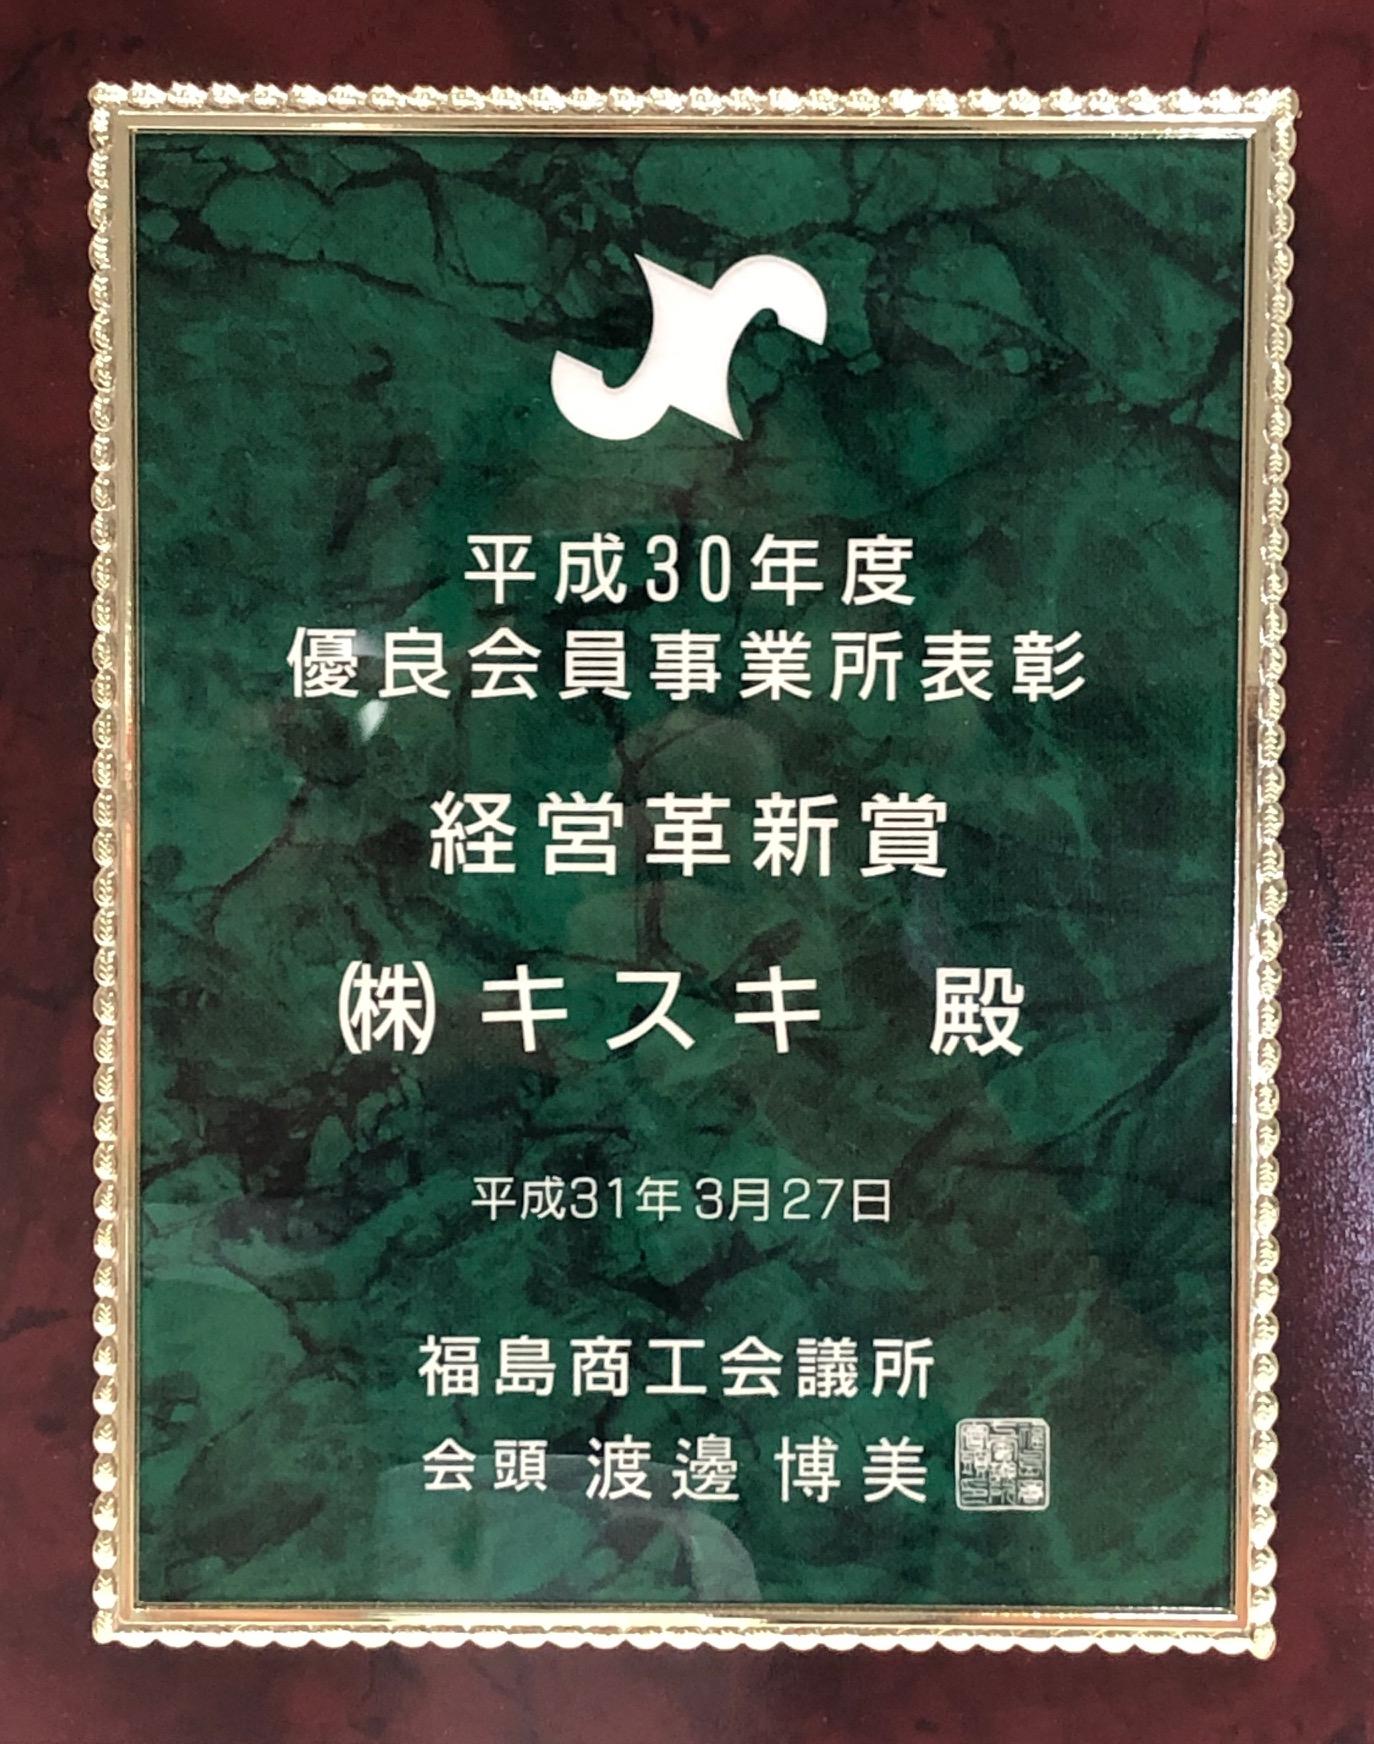 福島商工会議所 平成30年度経営革新賞